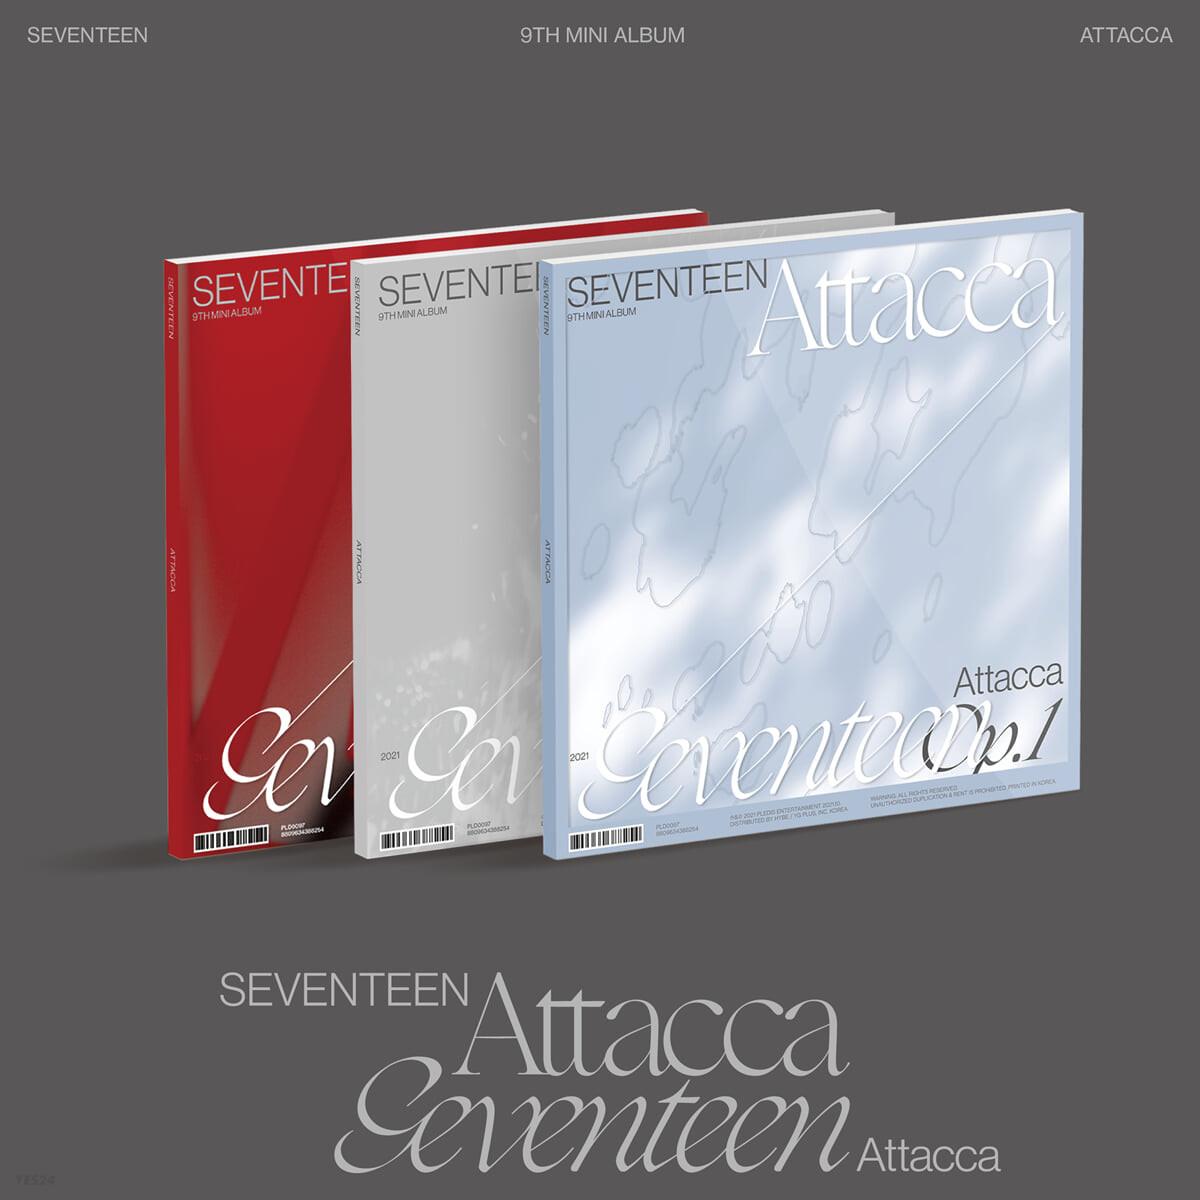 세븐틴 (Seventeen) - 미니앨범 9집 : Attacca [SET]